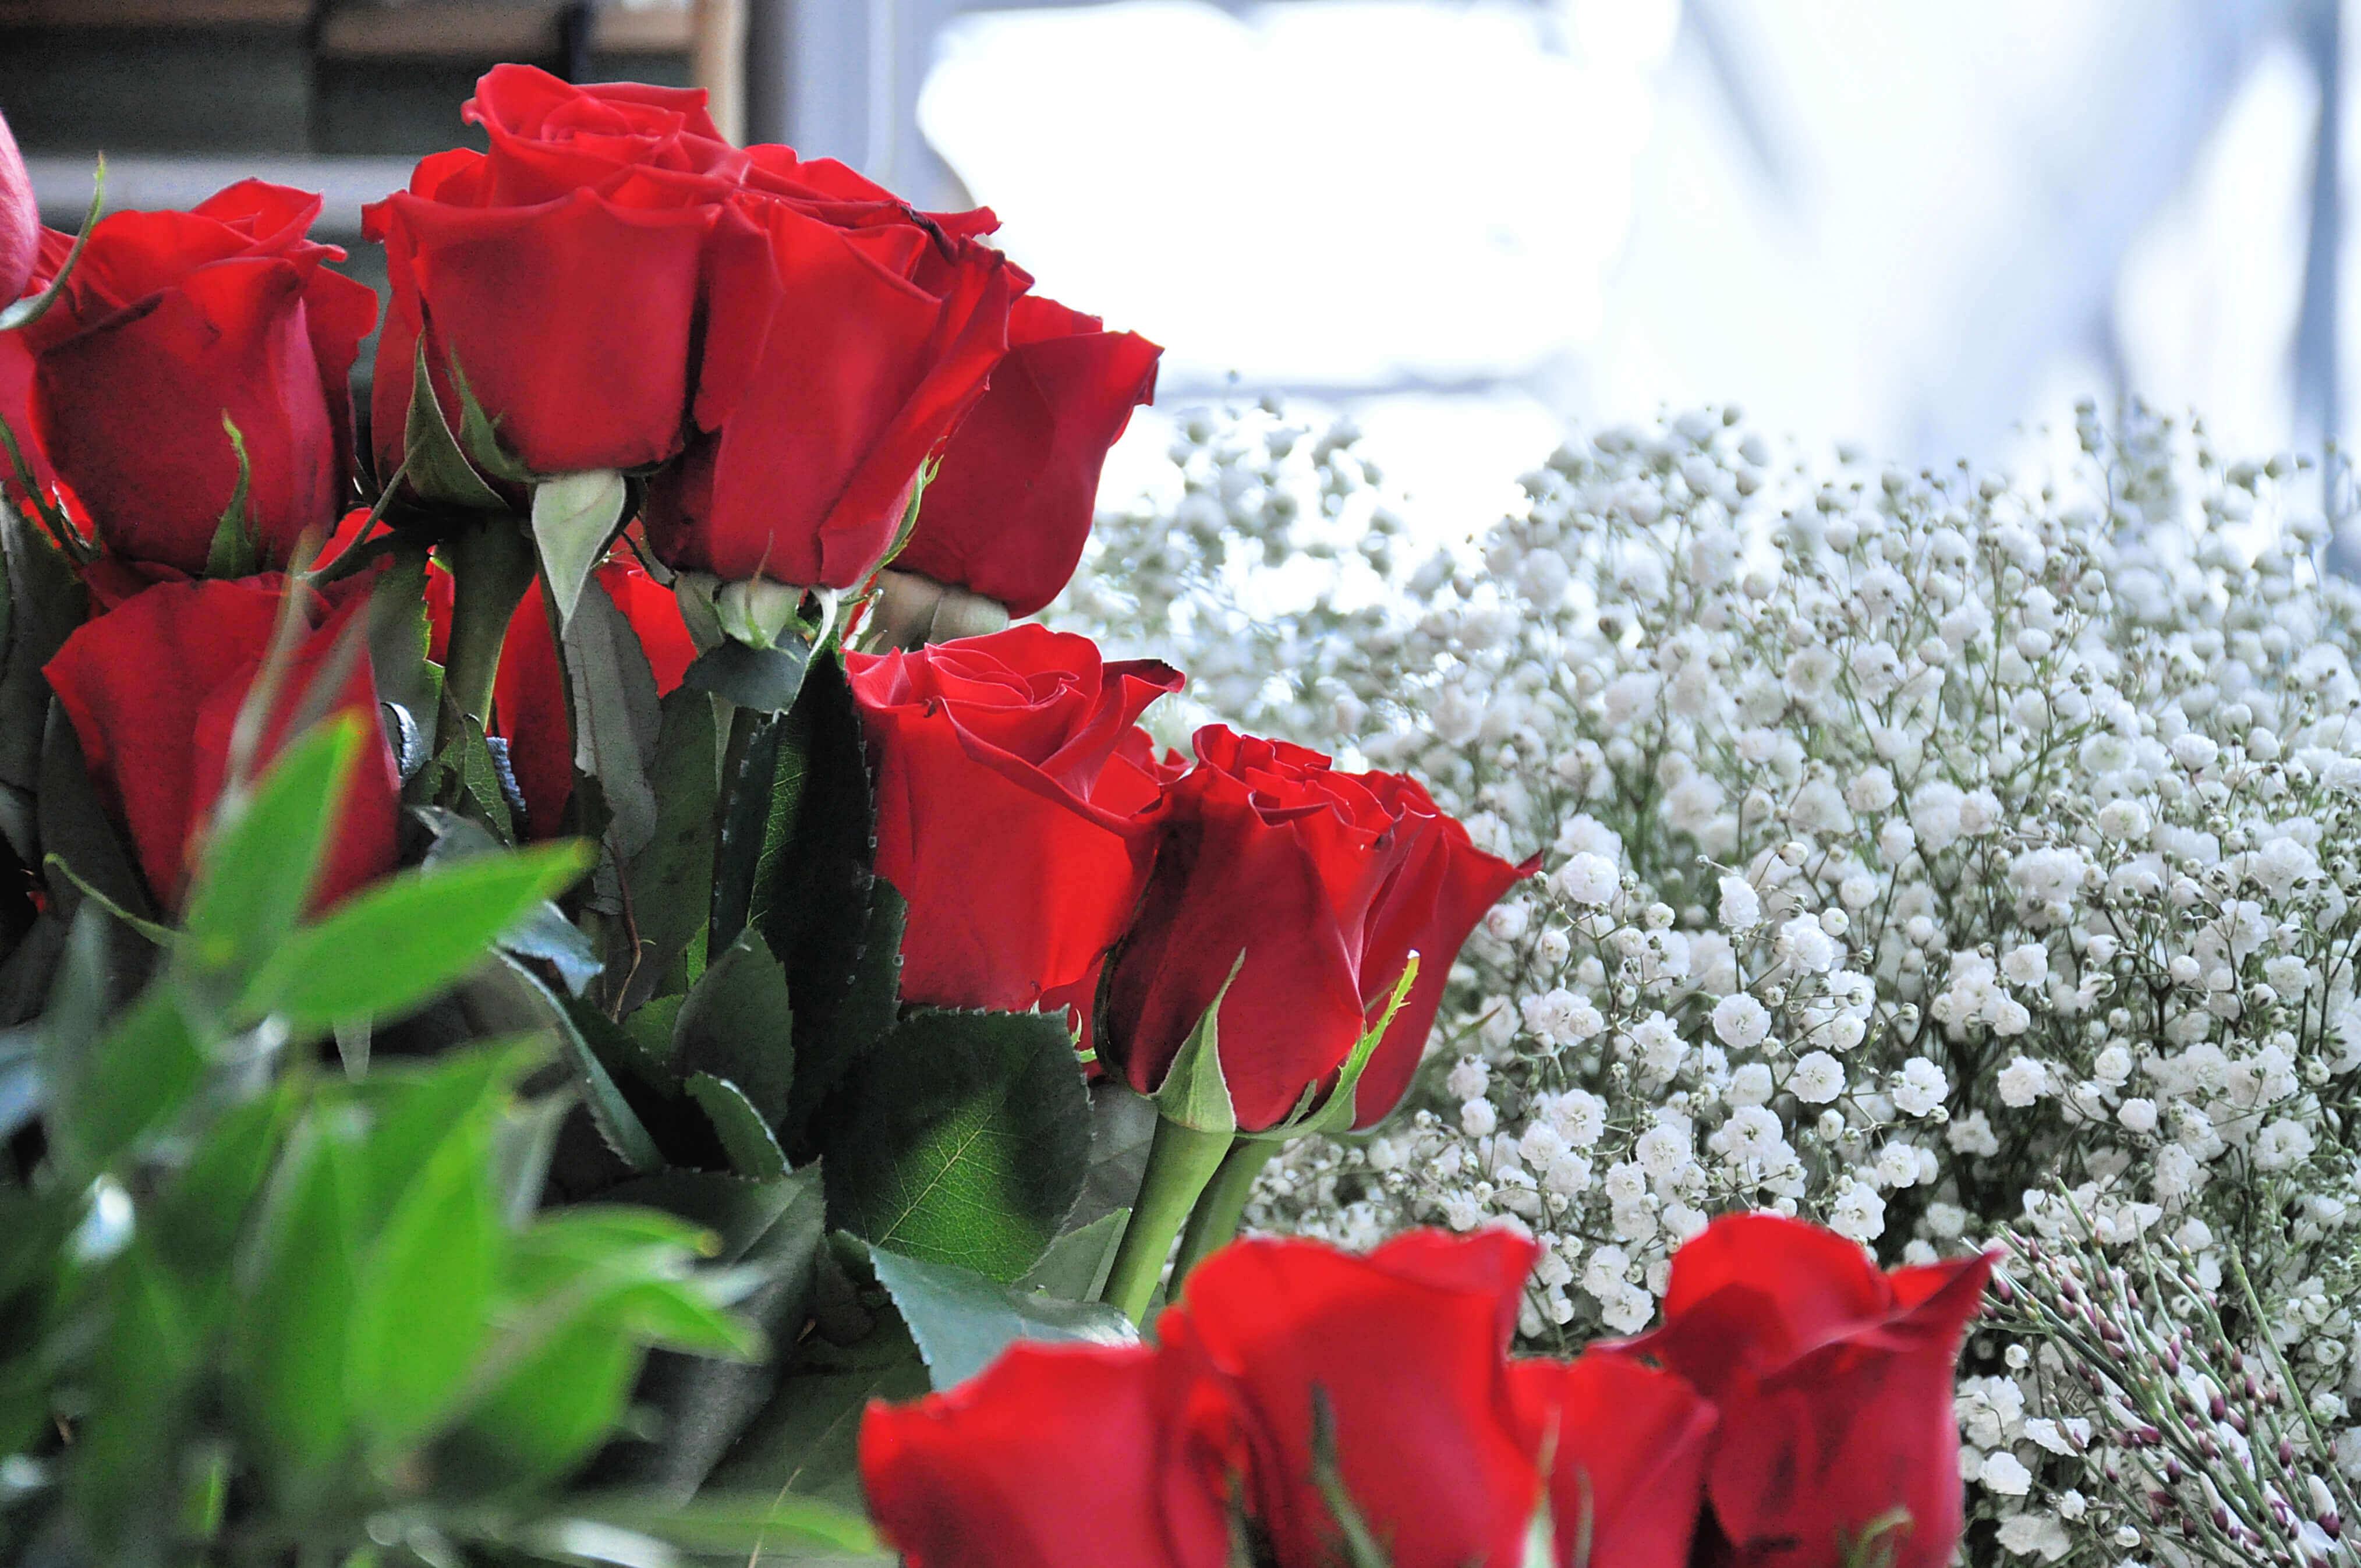 Anniversario Matrimonio Quante Rose.San Valentino Significato E Consigli Per Rose E Orchidee Vivaio